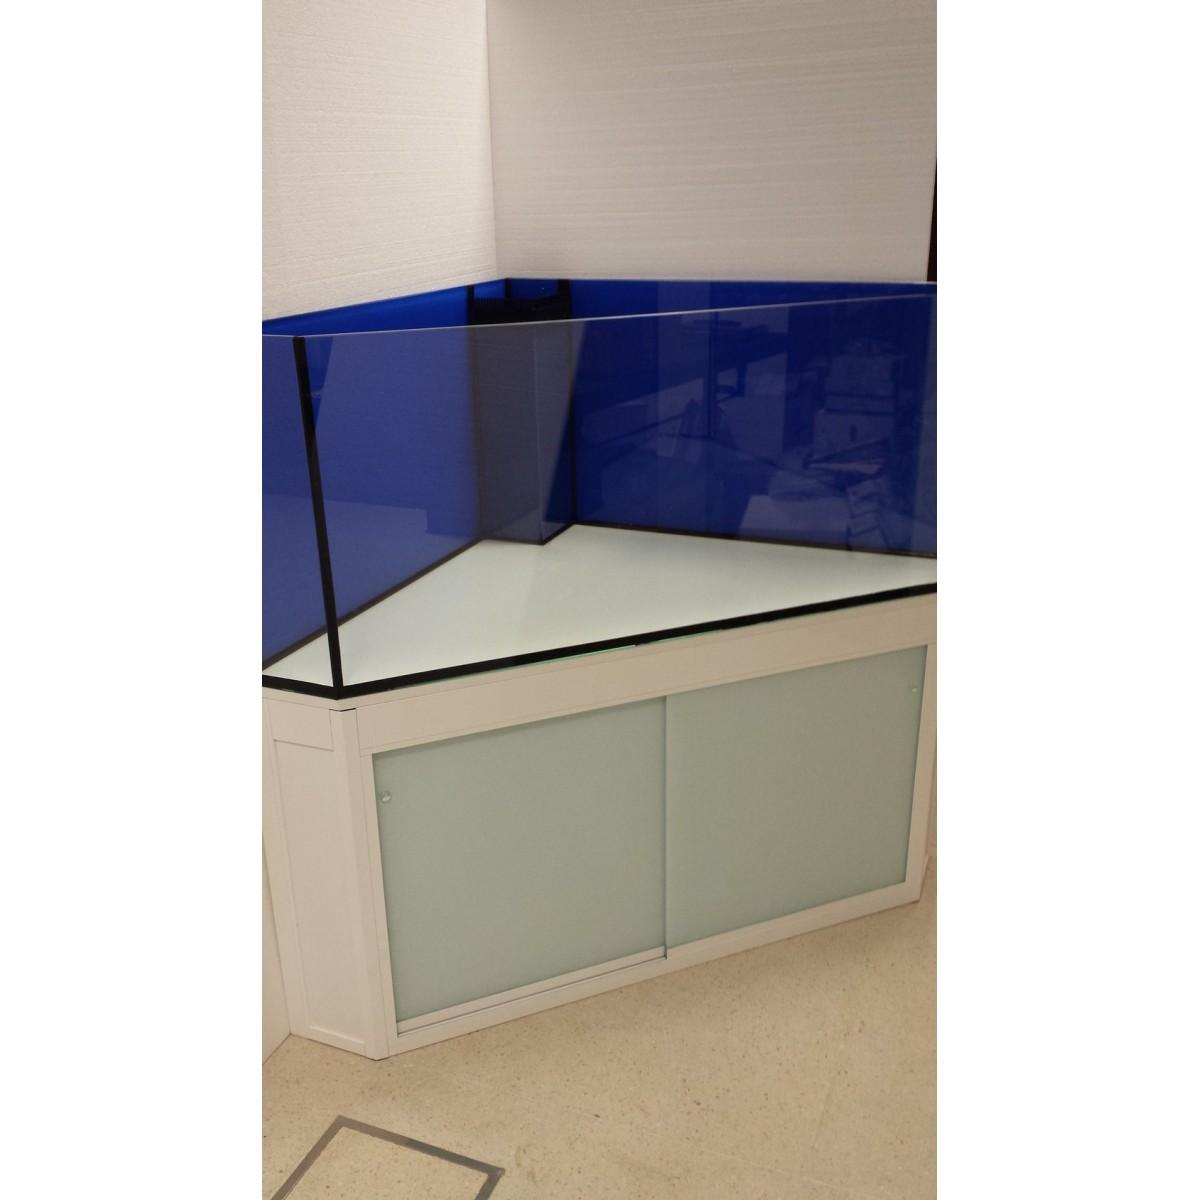 Mueble a medida luxury para acuario furious fish barcelona - Mueble para acuario ...